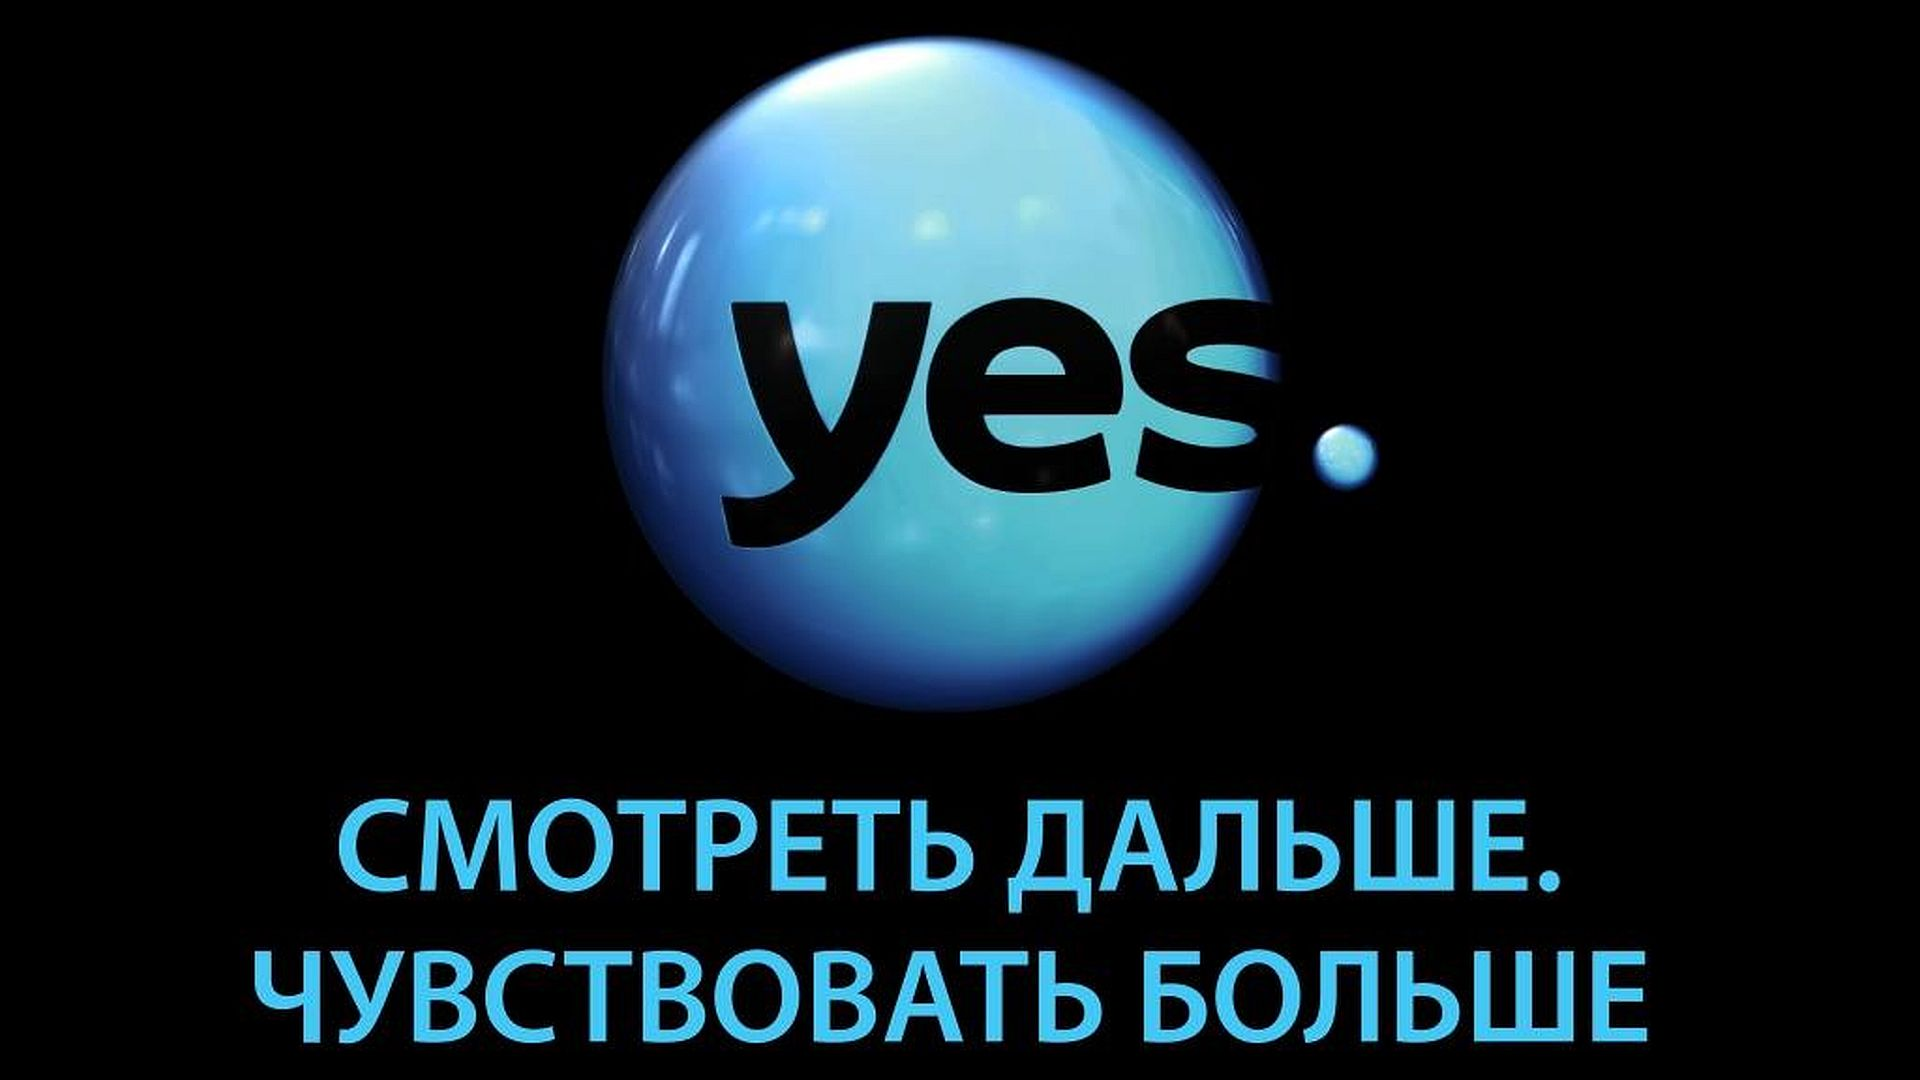 Скажите другу yes!